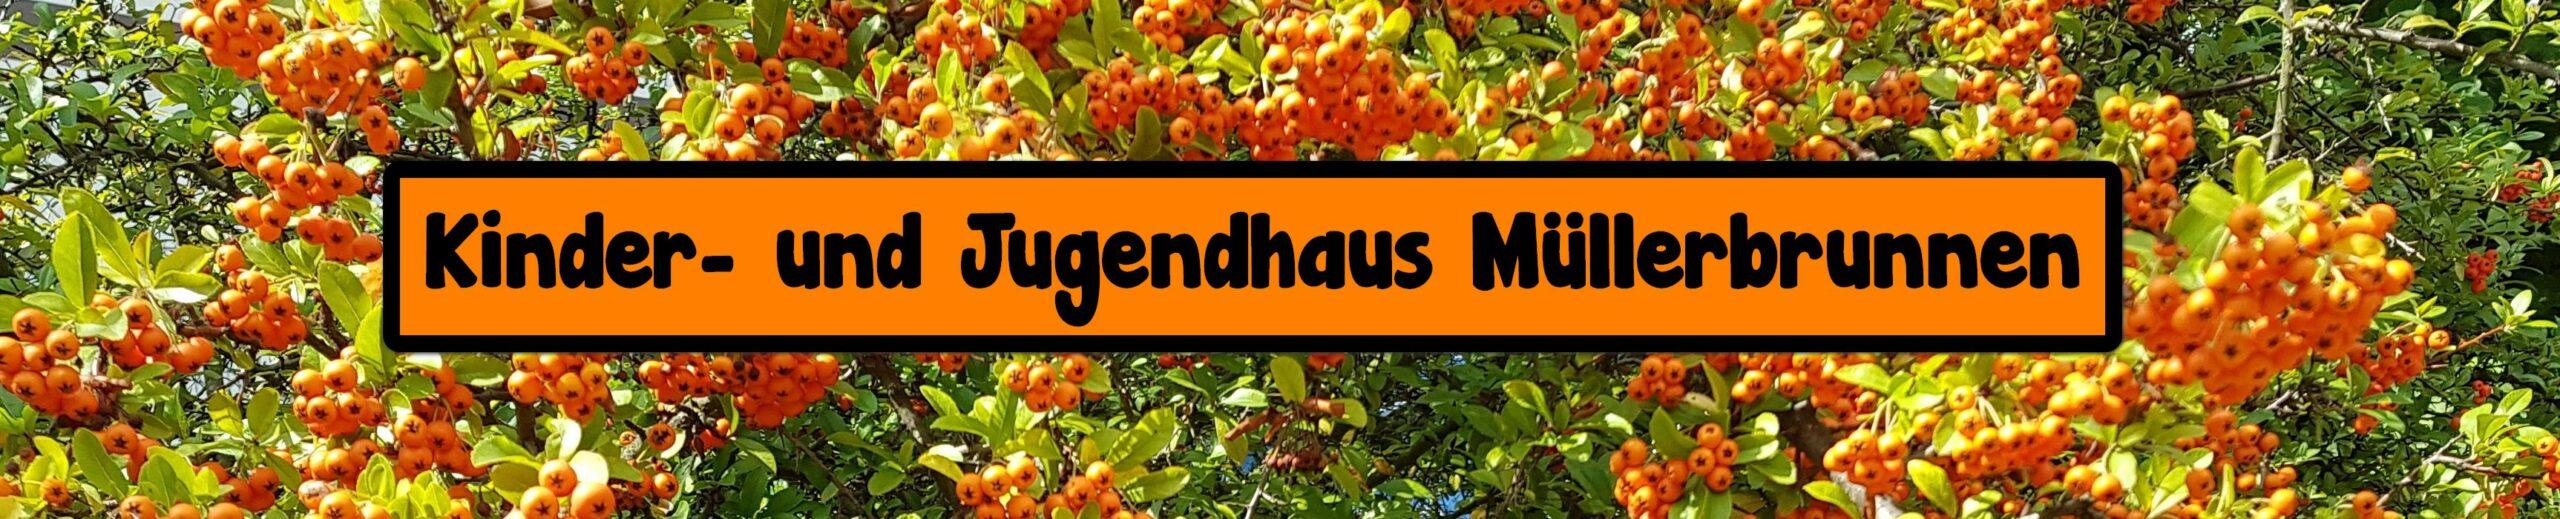 """Kinder- und Jugendhaus """"Müllerbrunnen"""""""